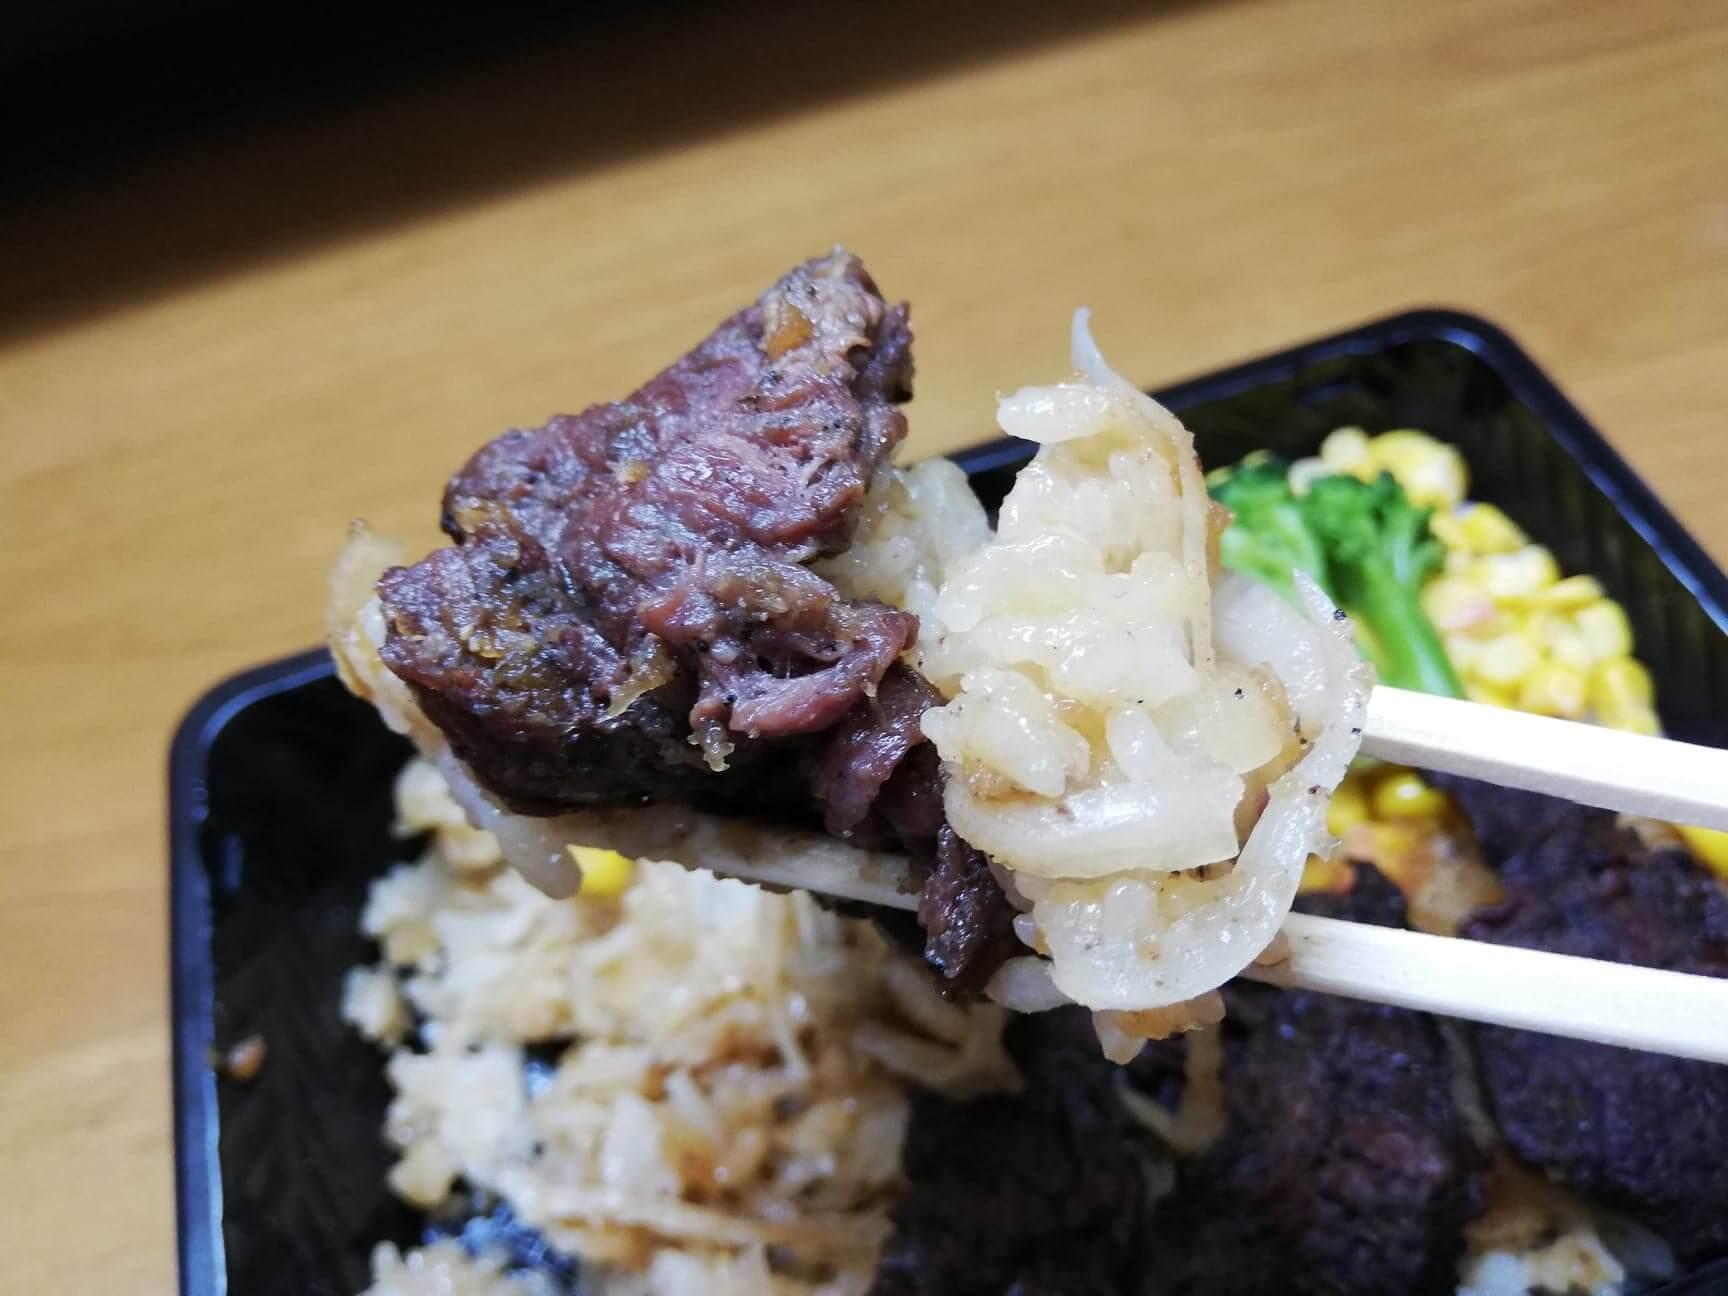 ブロンコビリーの『炭焼きハラミステーキ重』を箸で持ち上げている写真